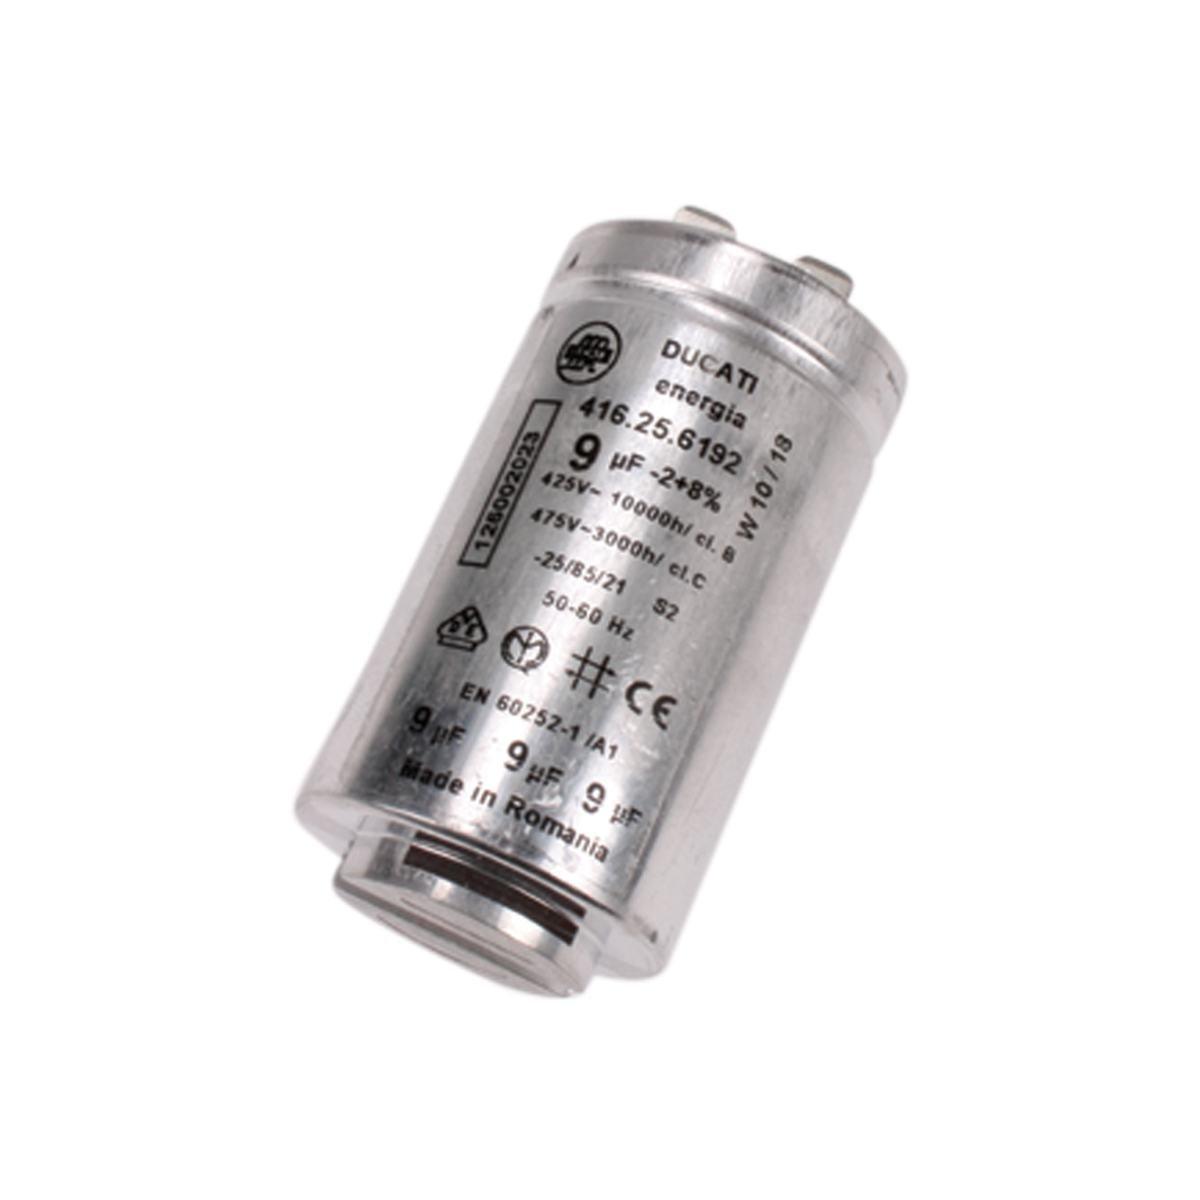 Kondensator 9 µf